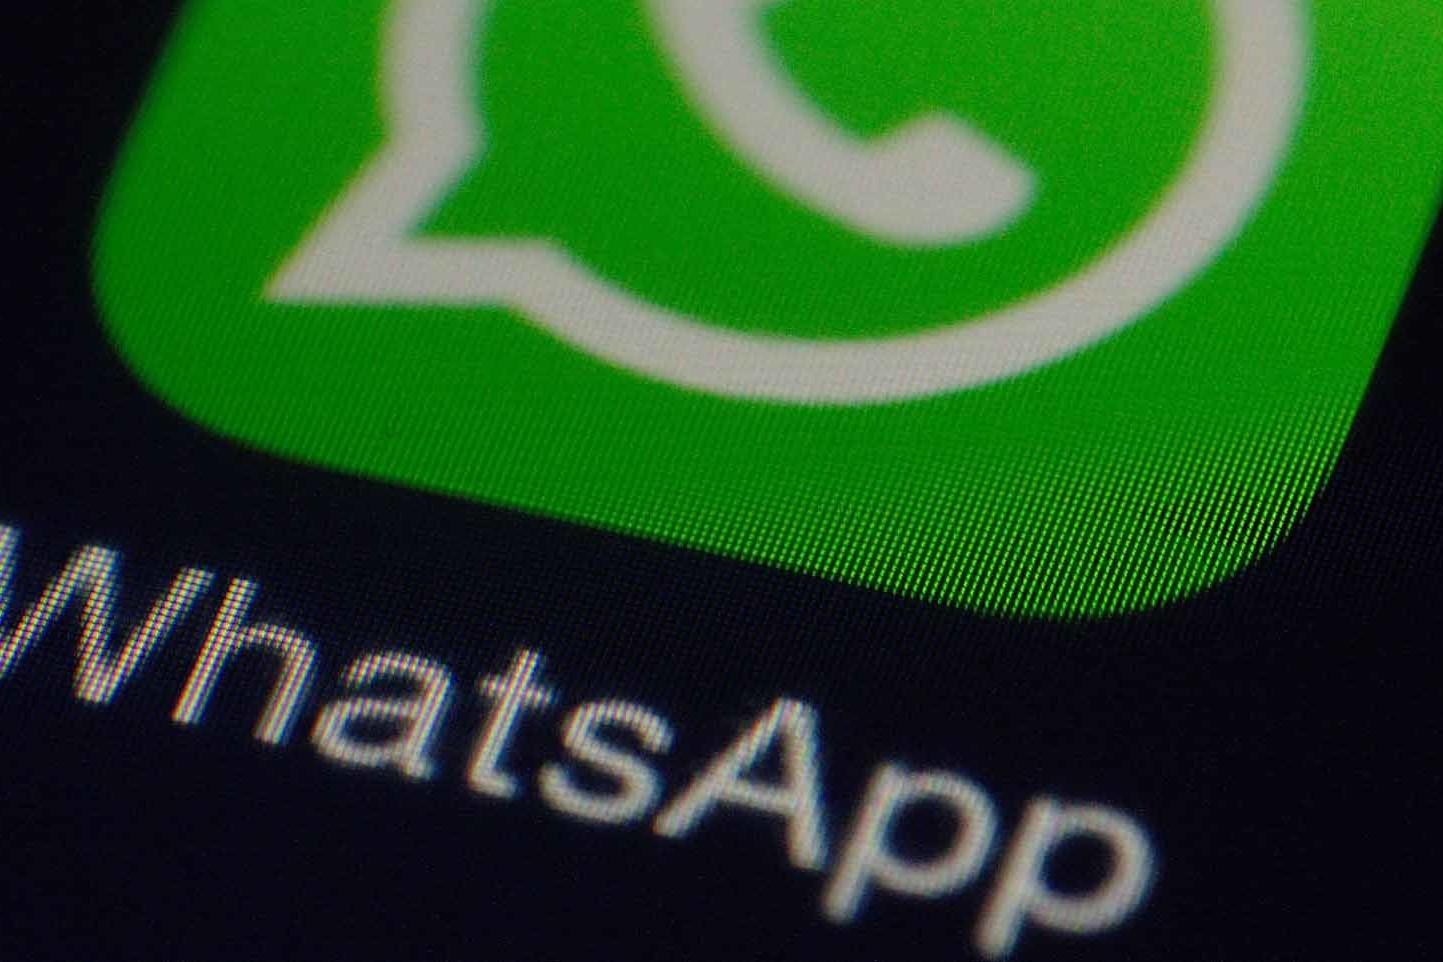 Scarica sempre gli aggiornamenti per evitare problemi con i bug Whatsapp